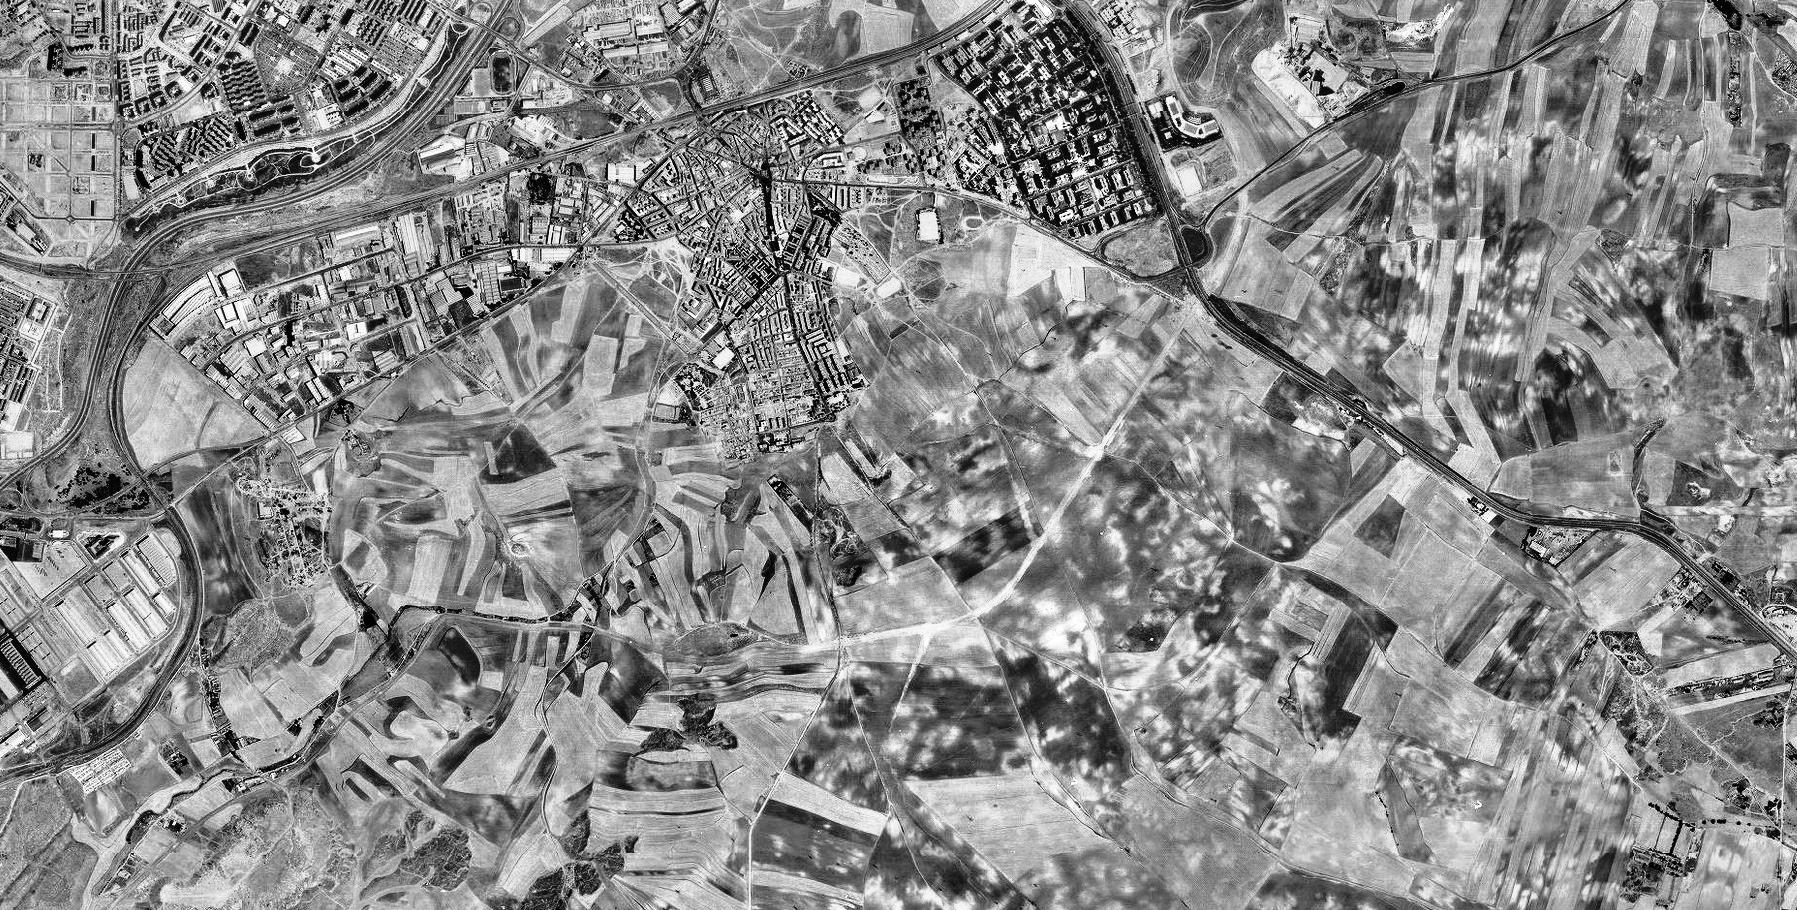 antes, urbanismo, foto aérea, desastre, urbanístico, planeamiento, urbano, construcción, ensanche de Vallecas, Vallecas, Madrid